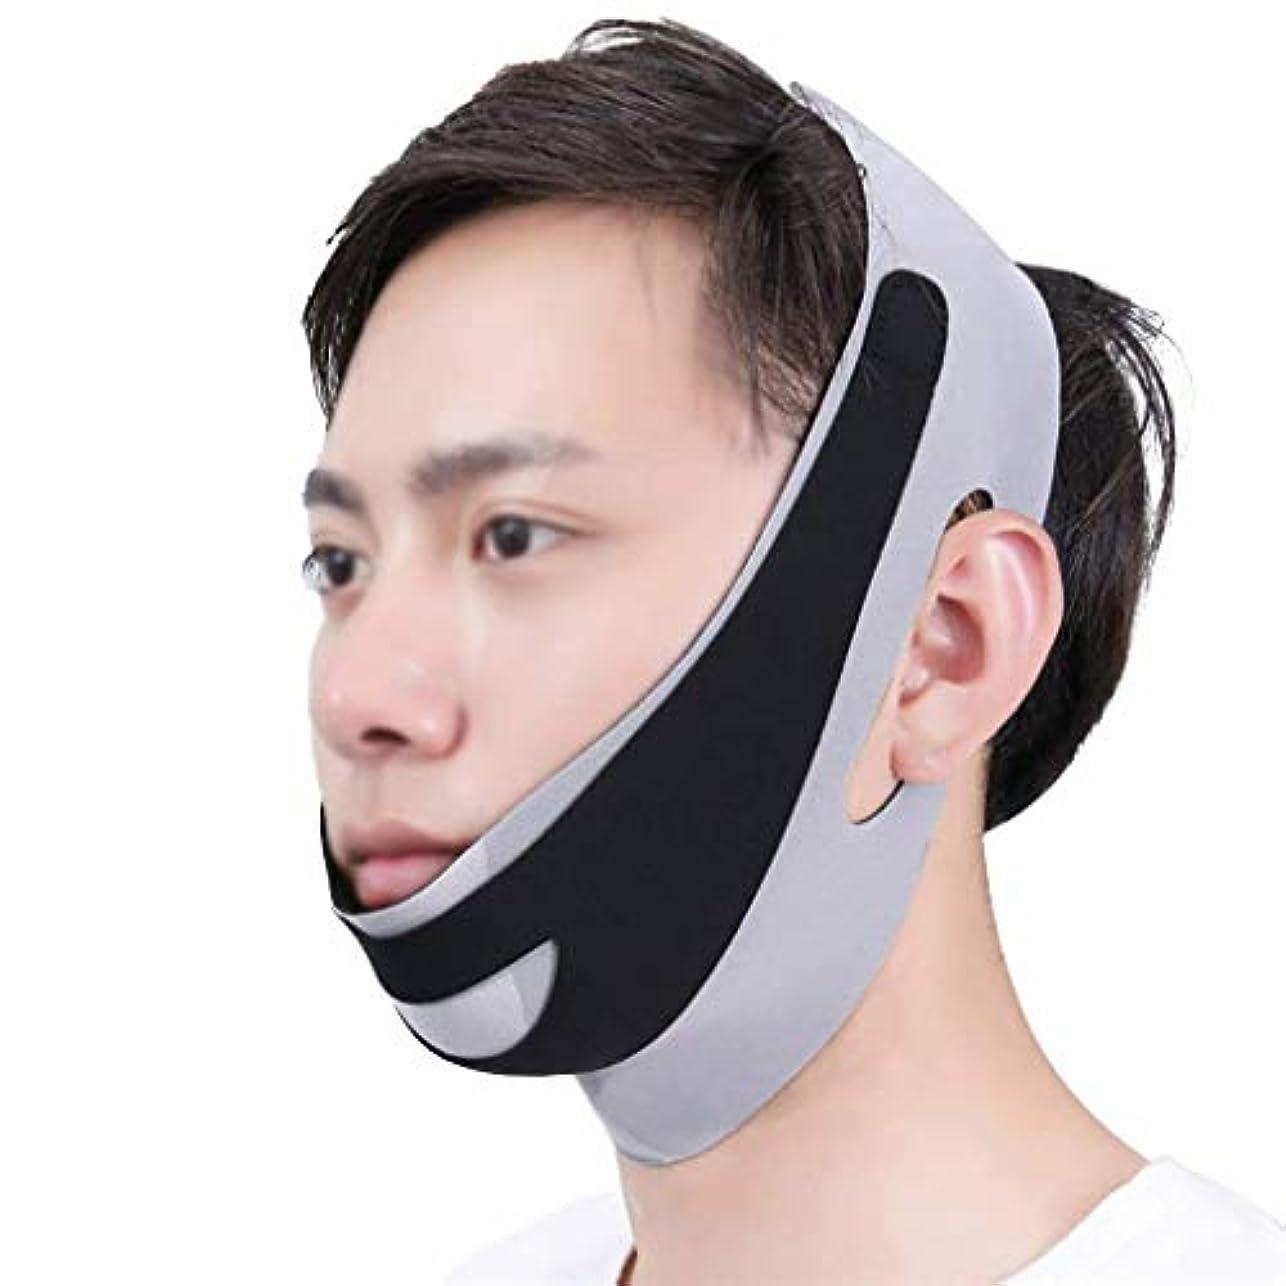 懐疑的イヤホン仮説顔と首のリフト術後弾性顔マスク小V顔アーティファクト薄い顔包帯アーティファクトV顔吊り耳リフティング引き締め男性の顔アーティファクト